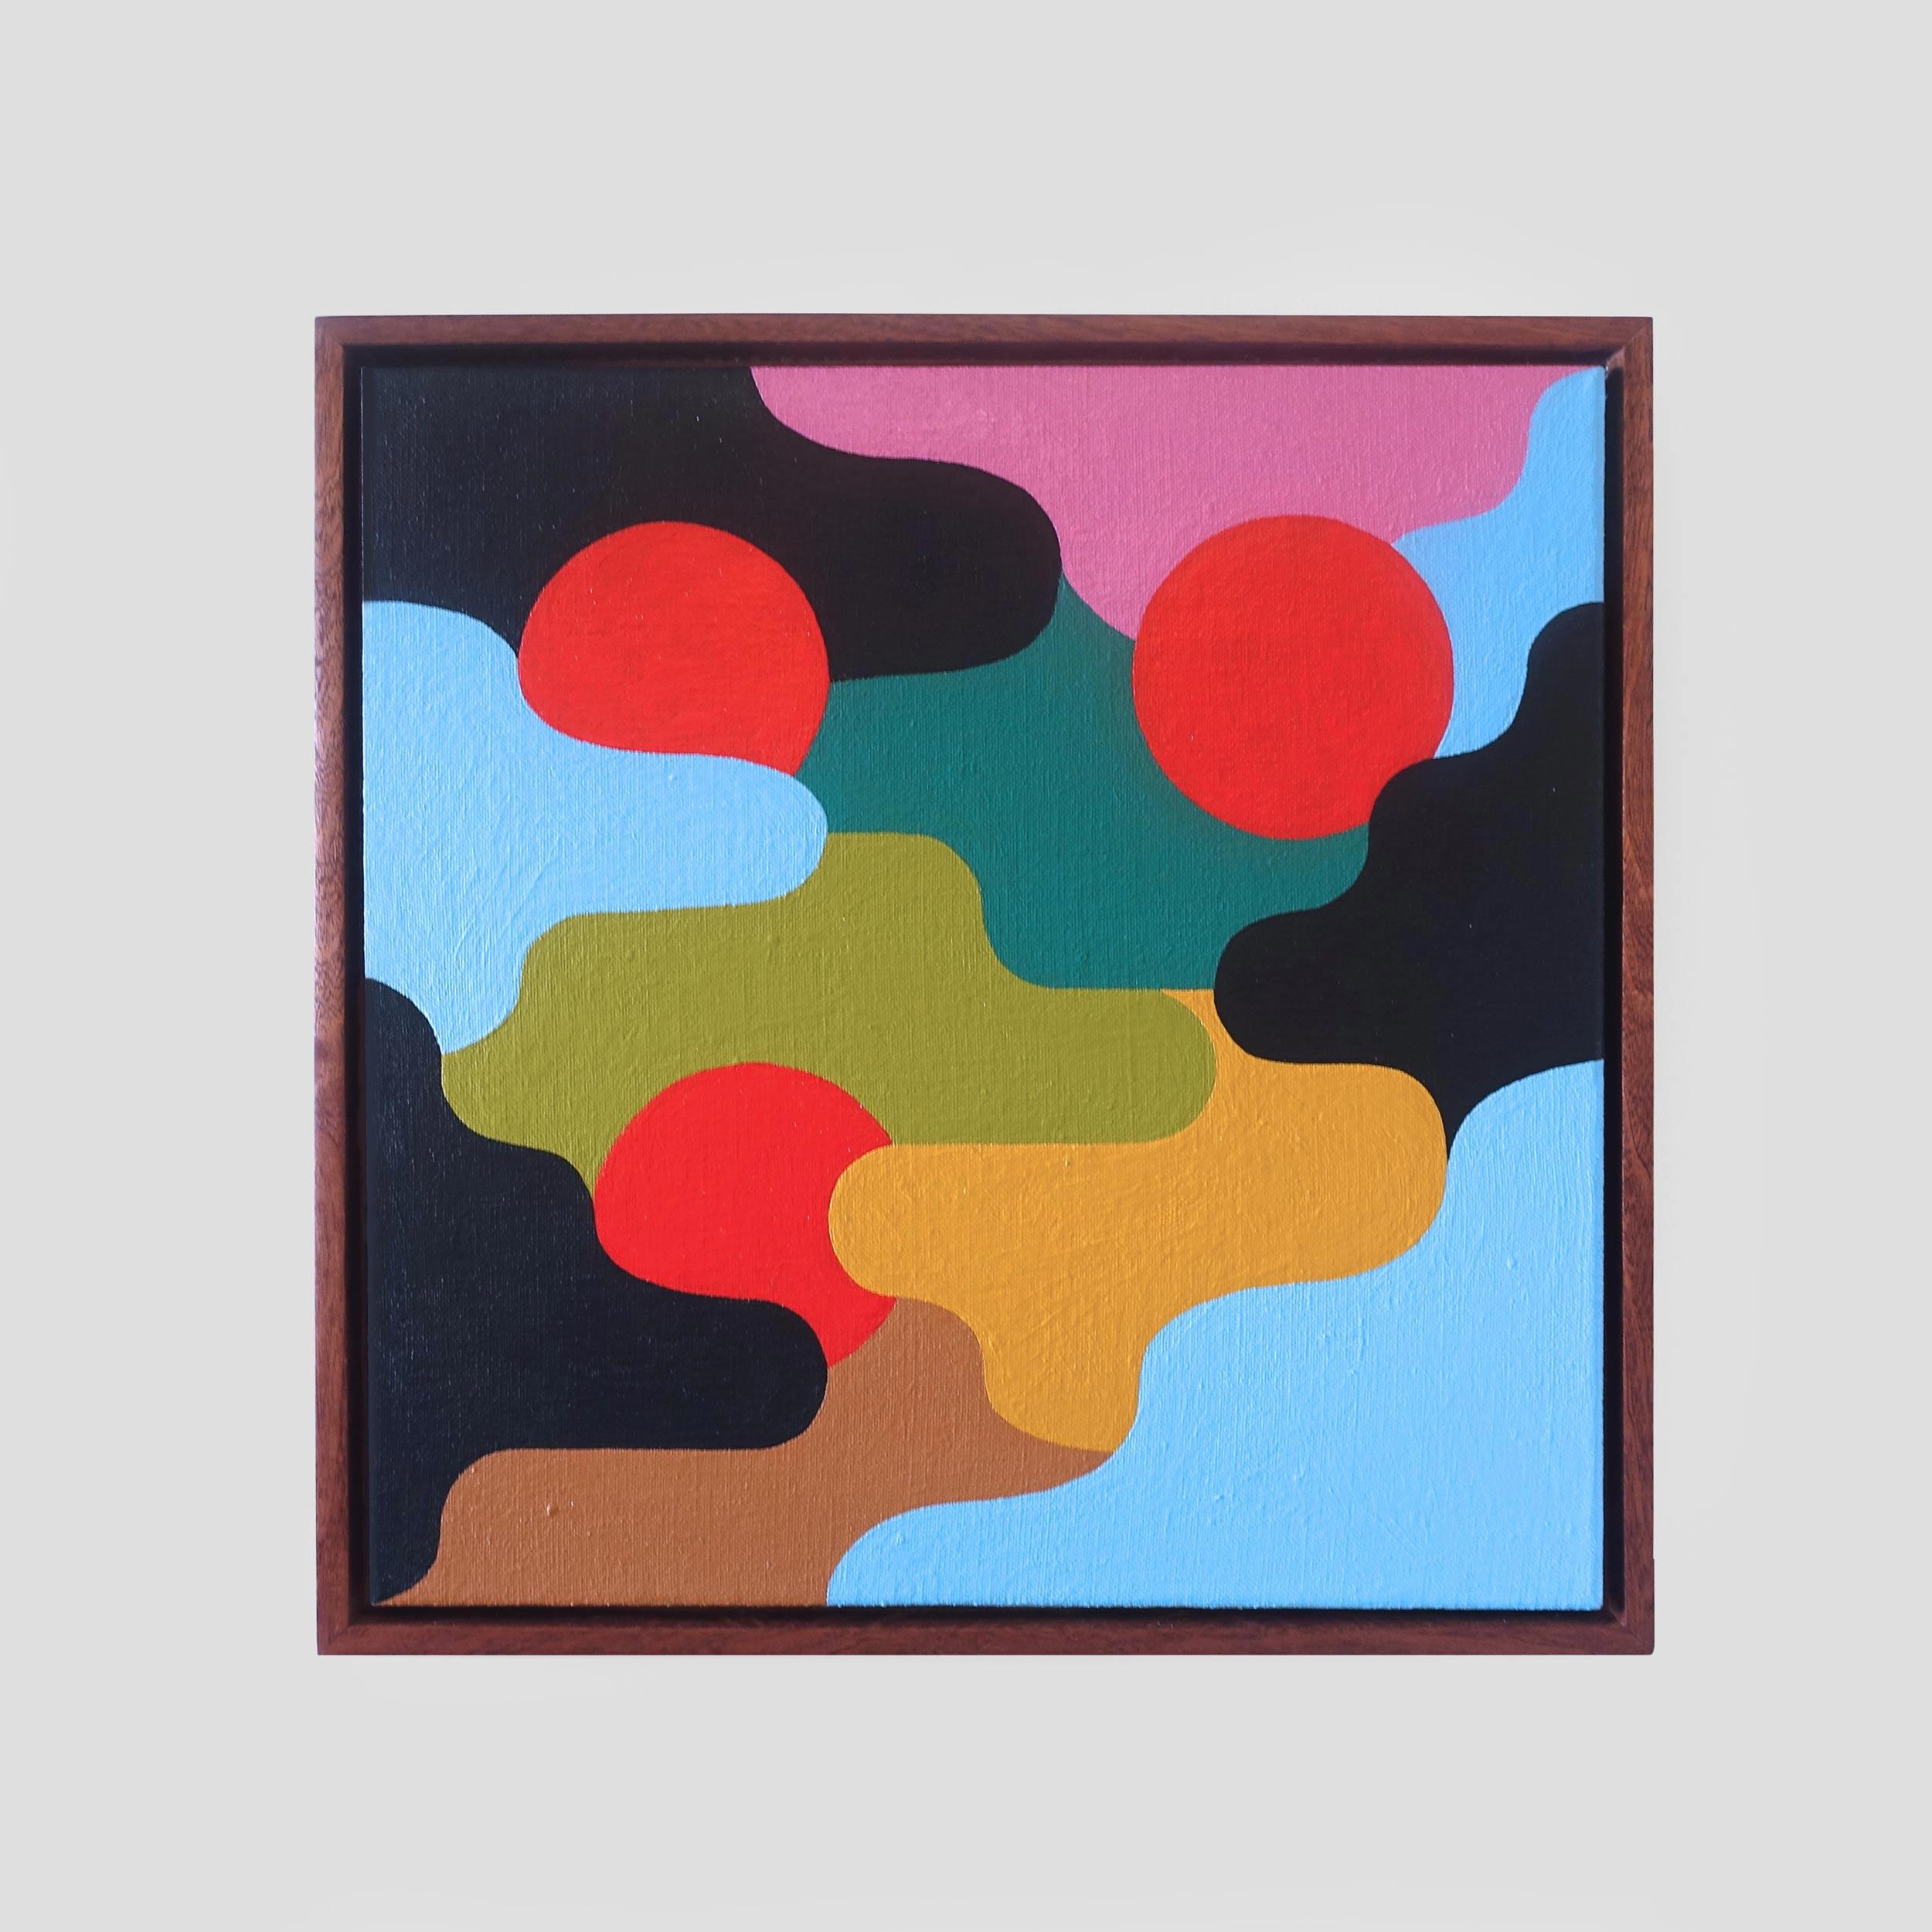 Aeolian  41 x 41 cm | acrylic on linen, sapele frame | 2018